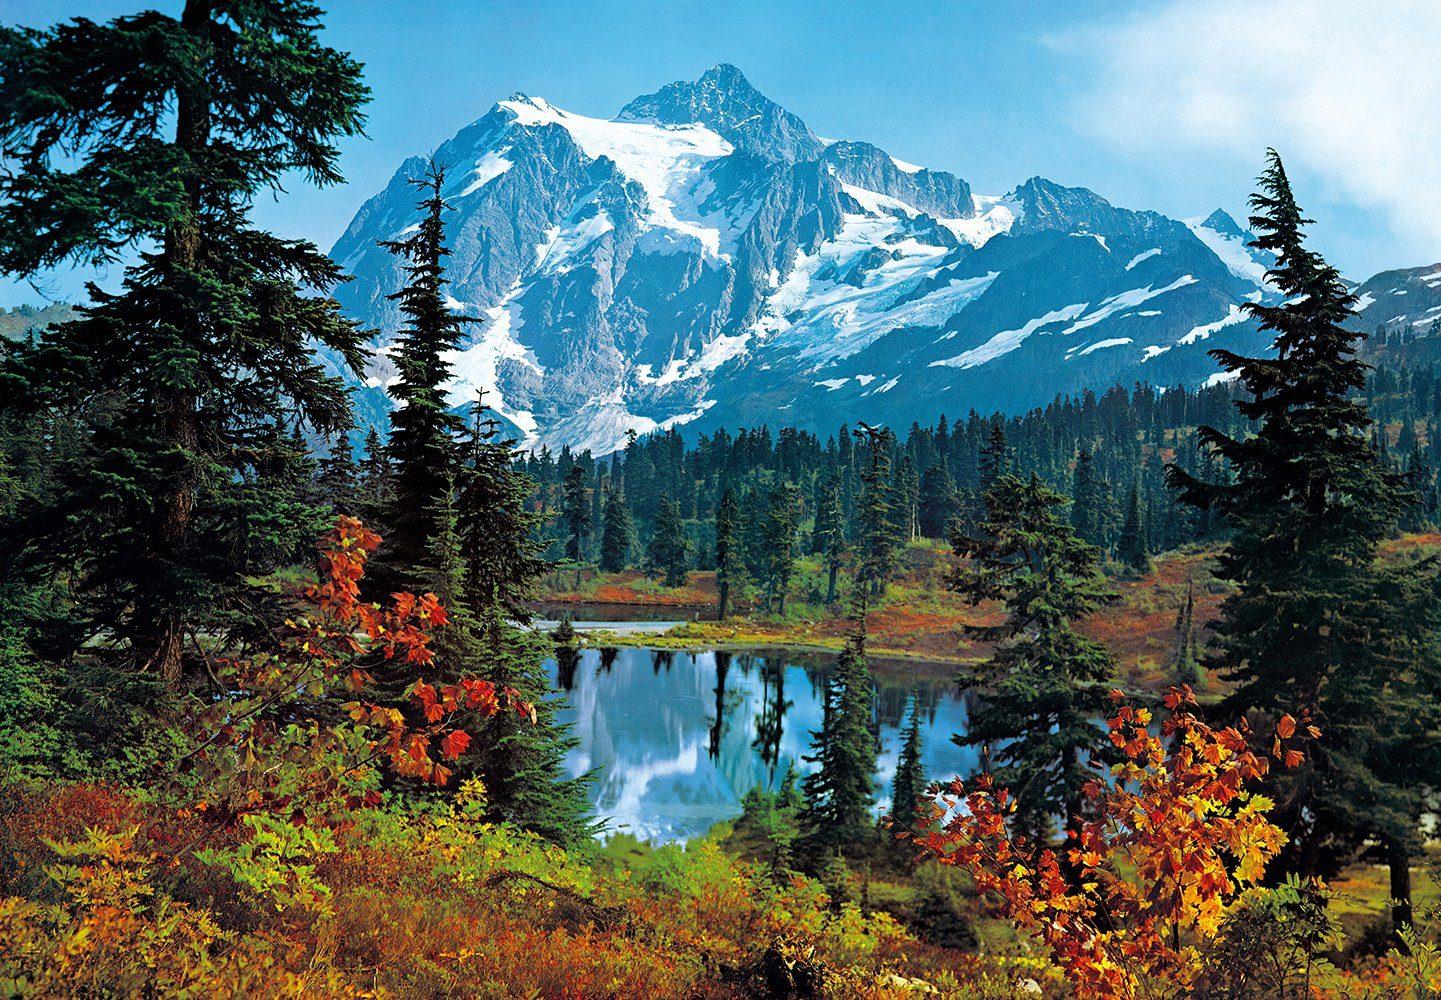 Fototapete »Mountain Morning«, 8-teilig, 366x254 cm